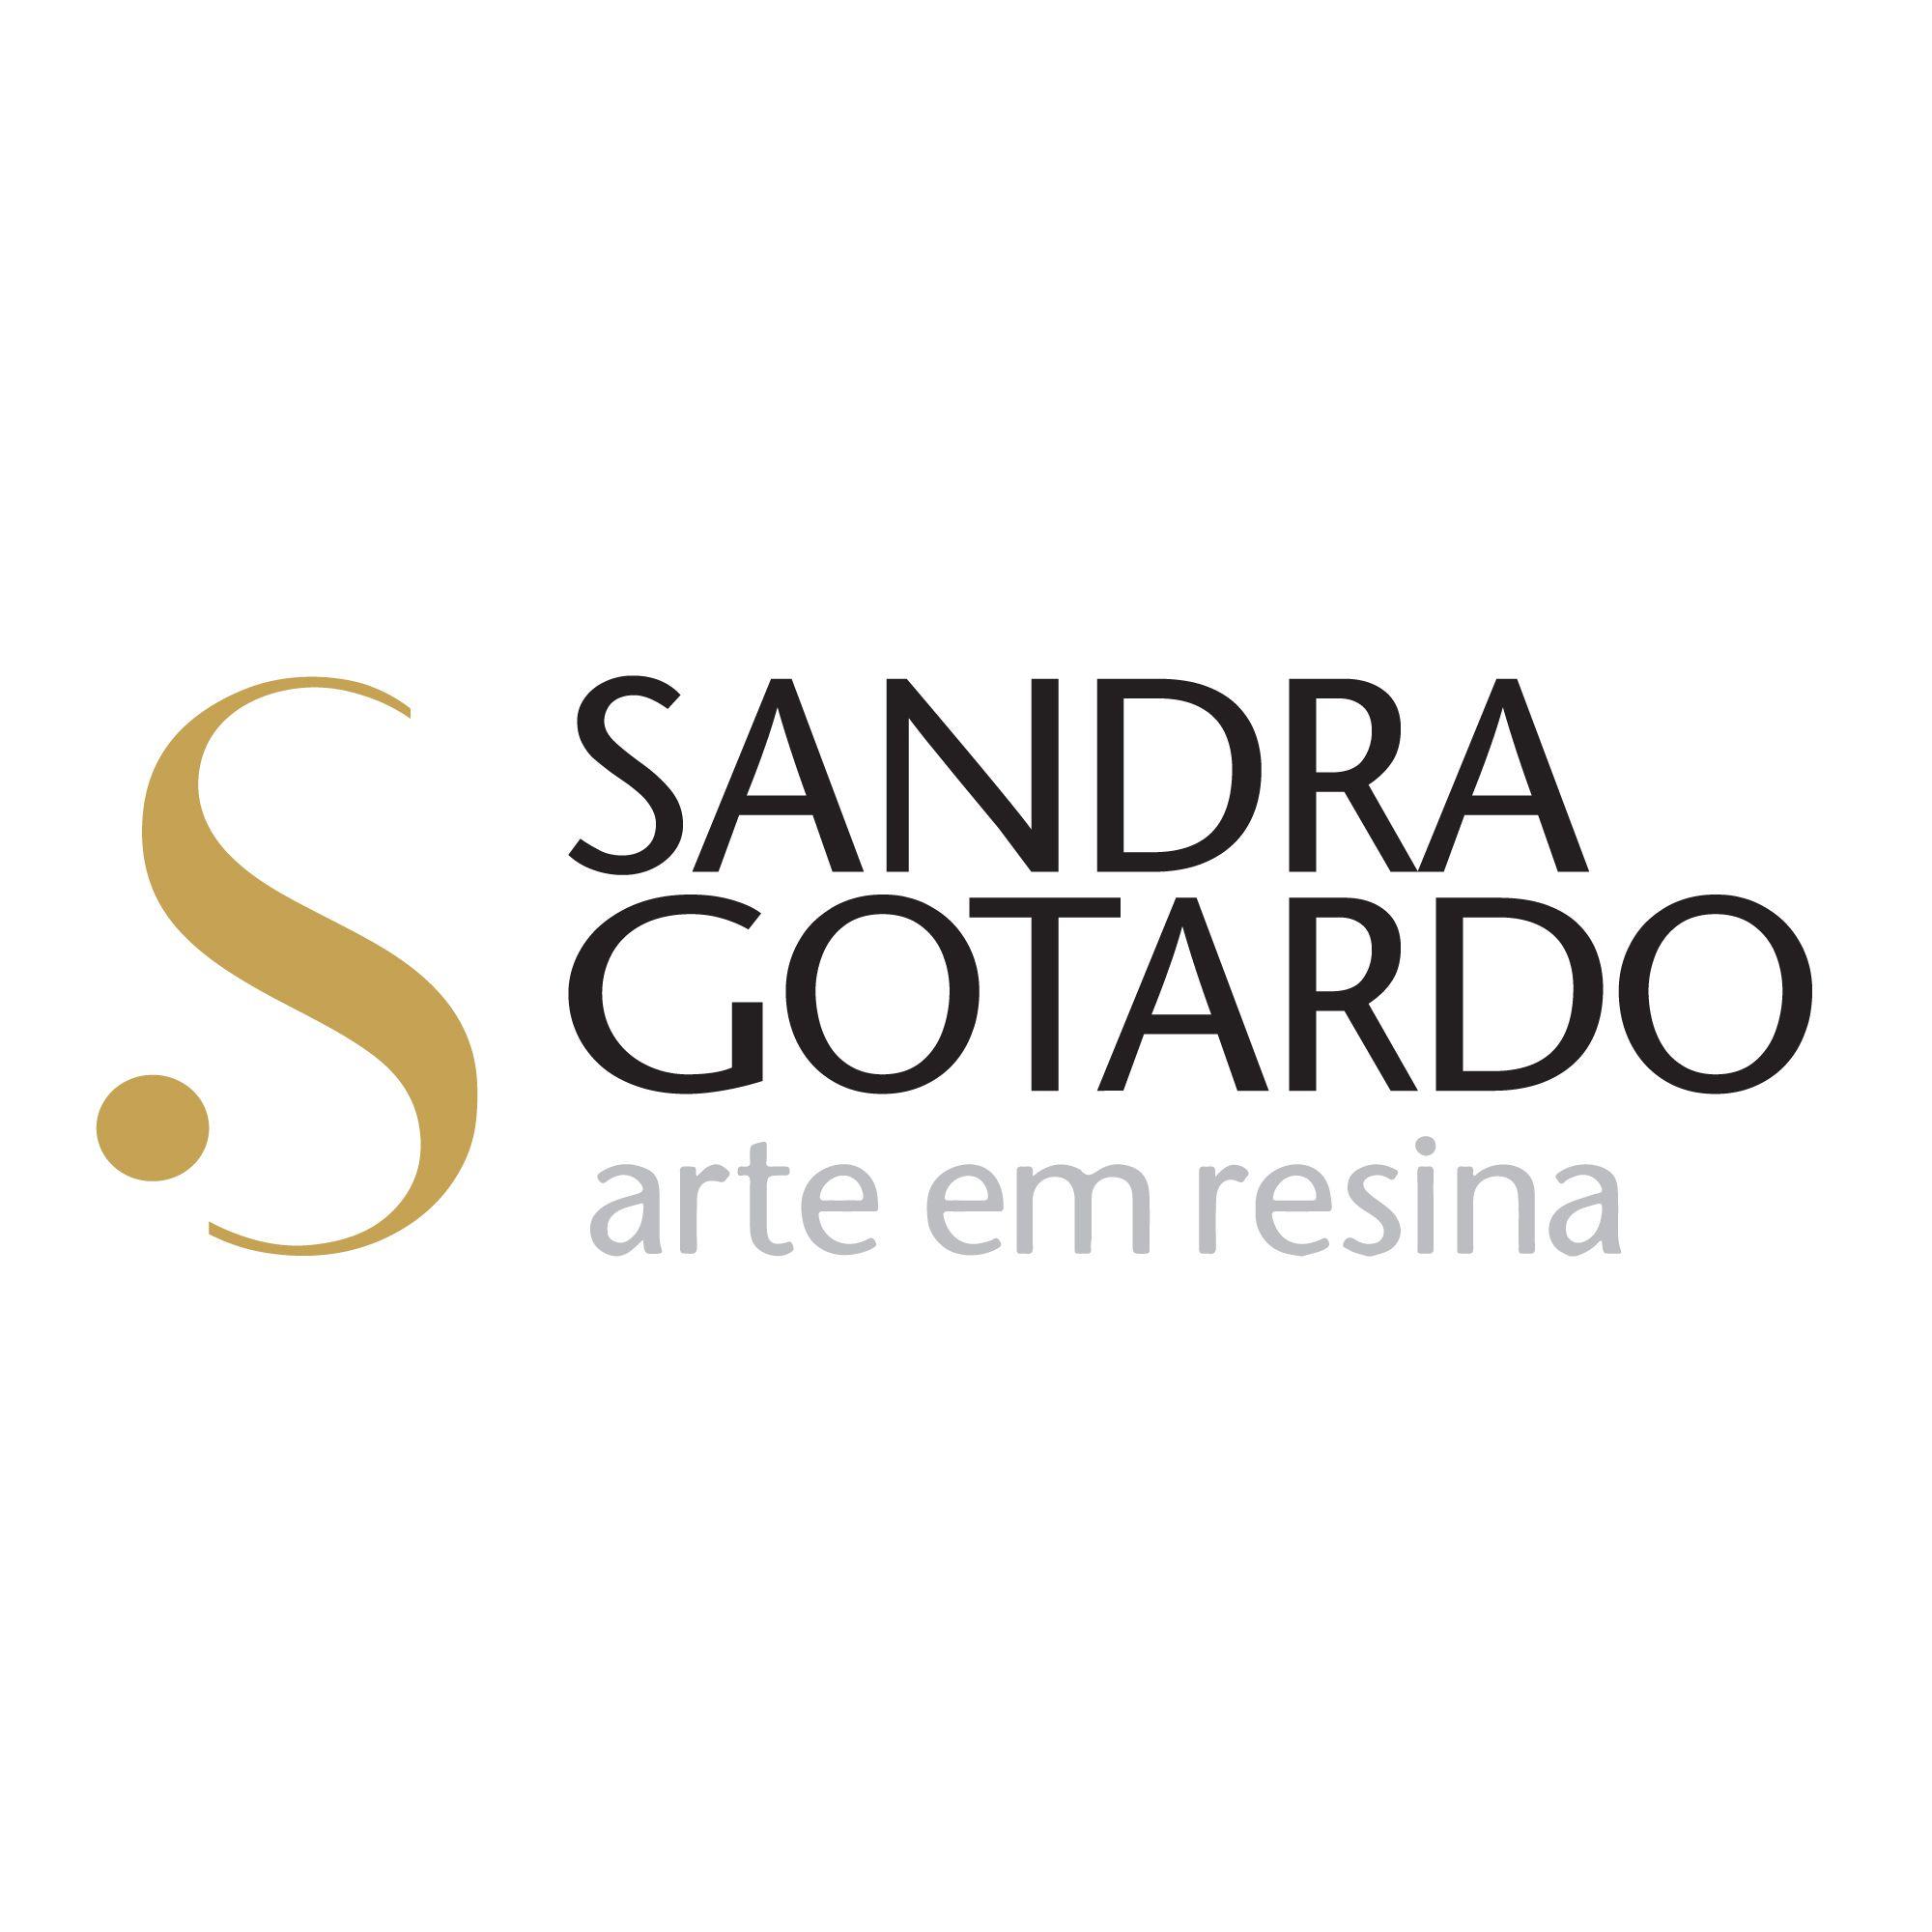 Bandeja Retangular Dourada Resina/espelhada Daiana01 - Sandra Gotardo